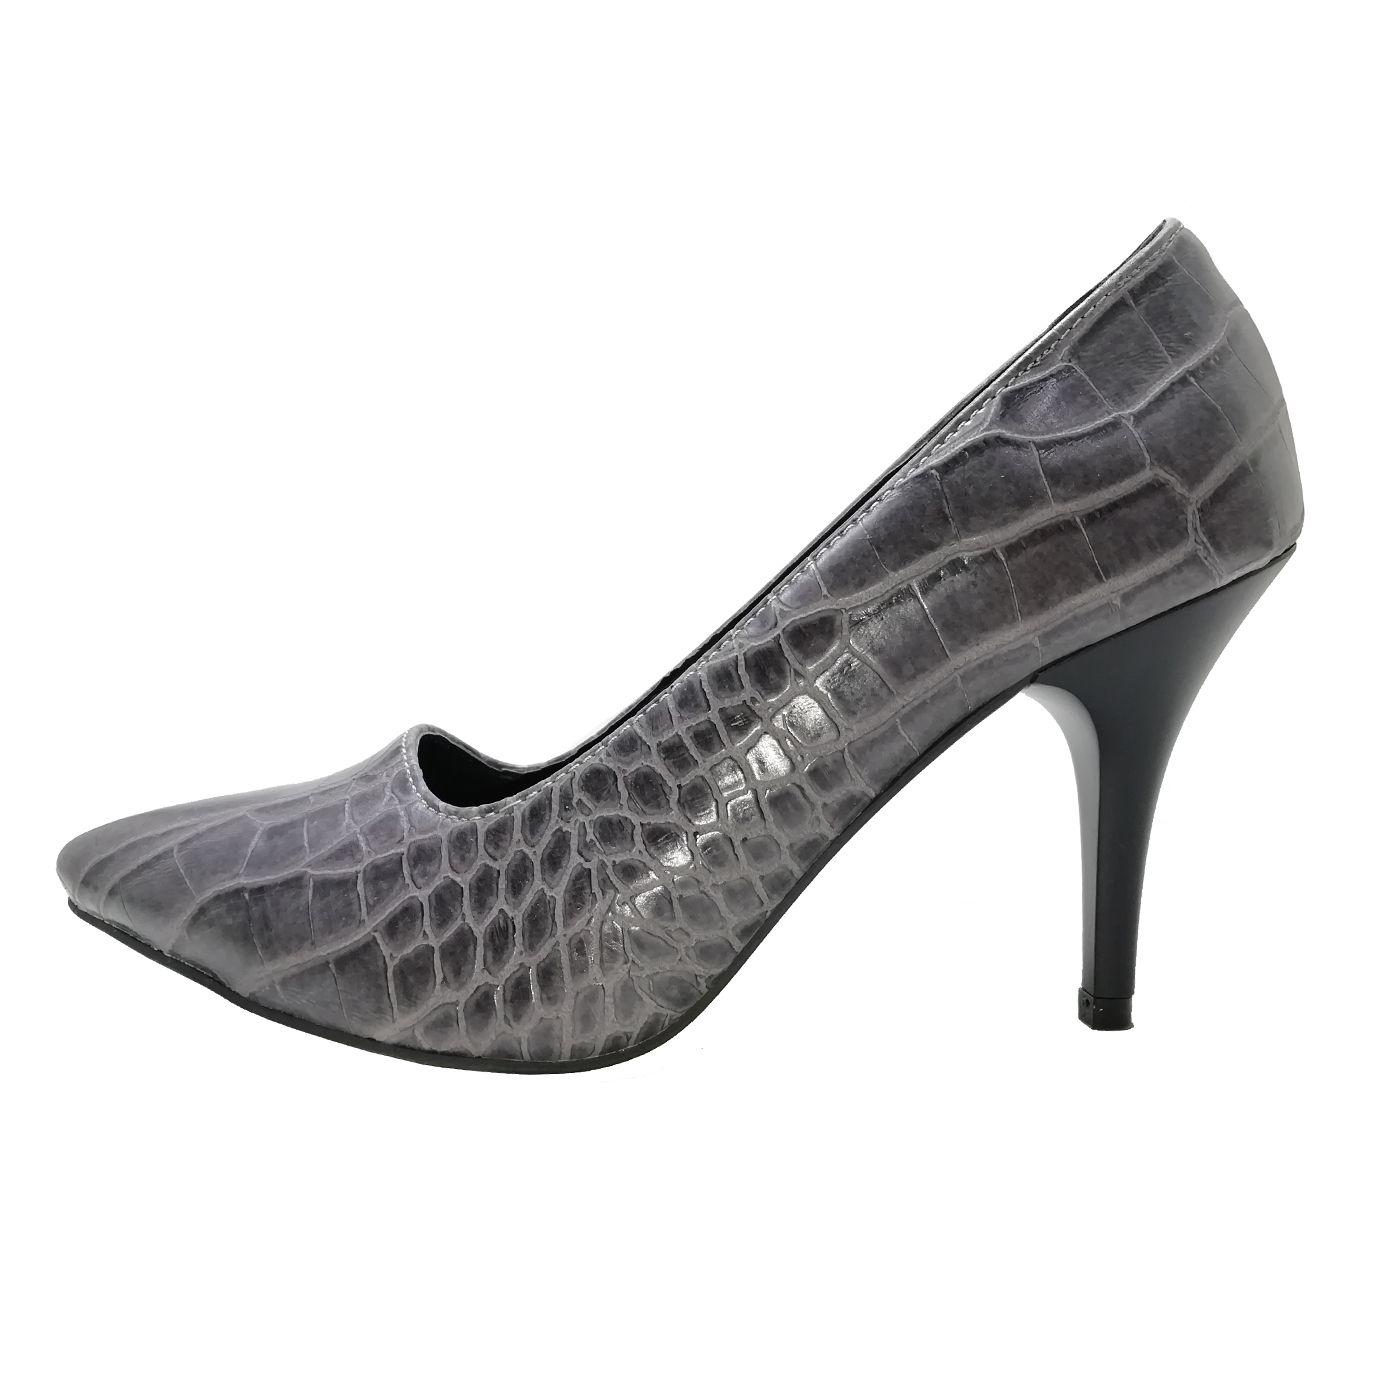 کفش زنانه پریما مدل MJ - 765c -  - 2